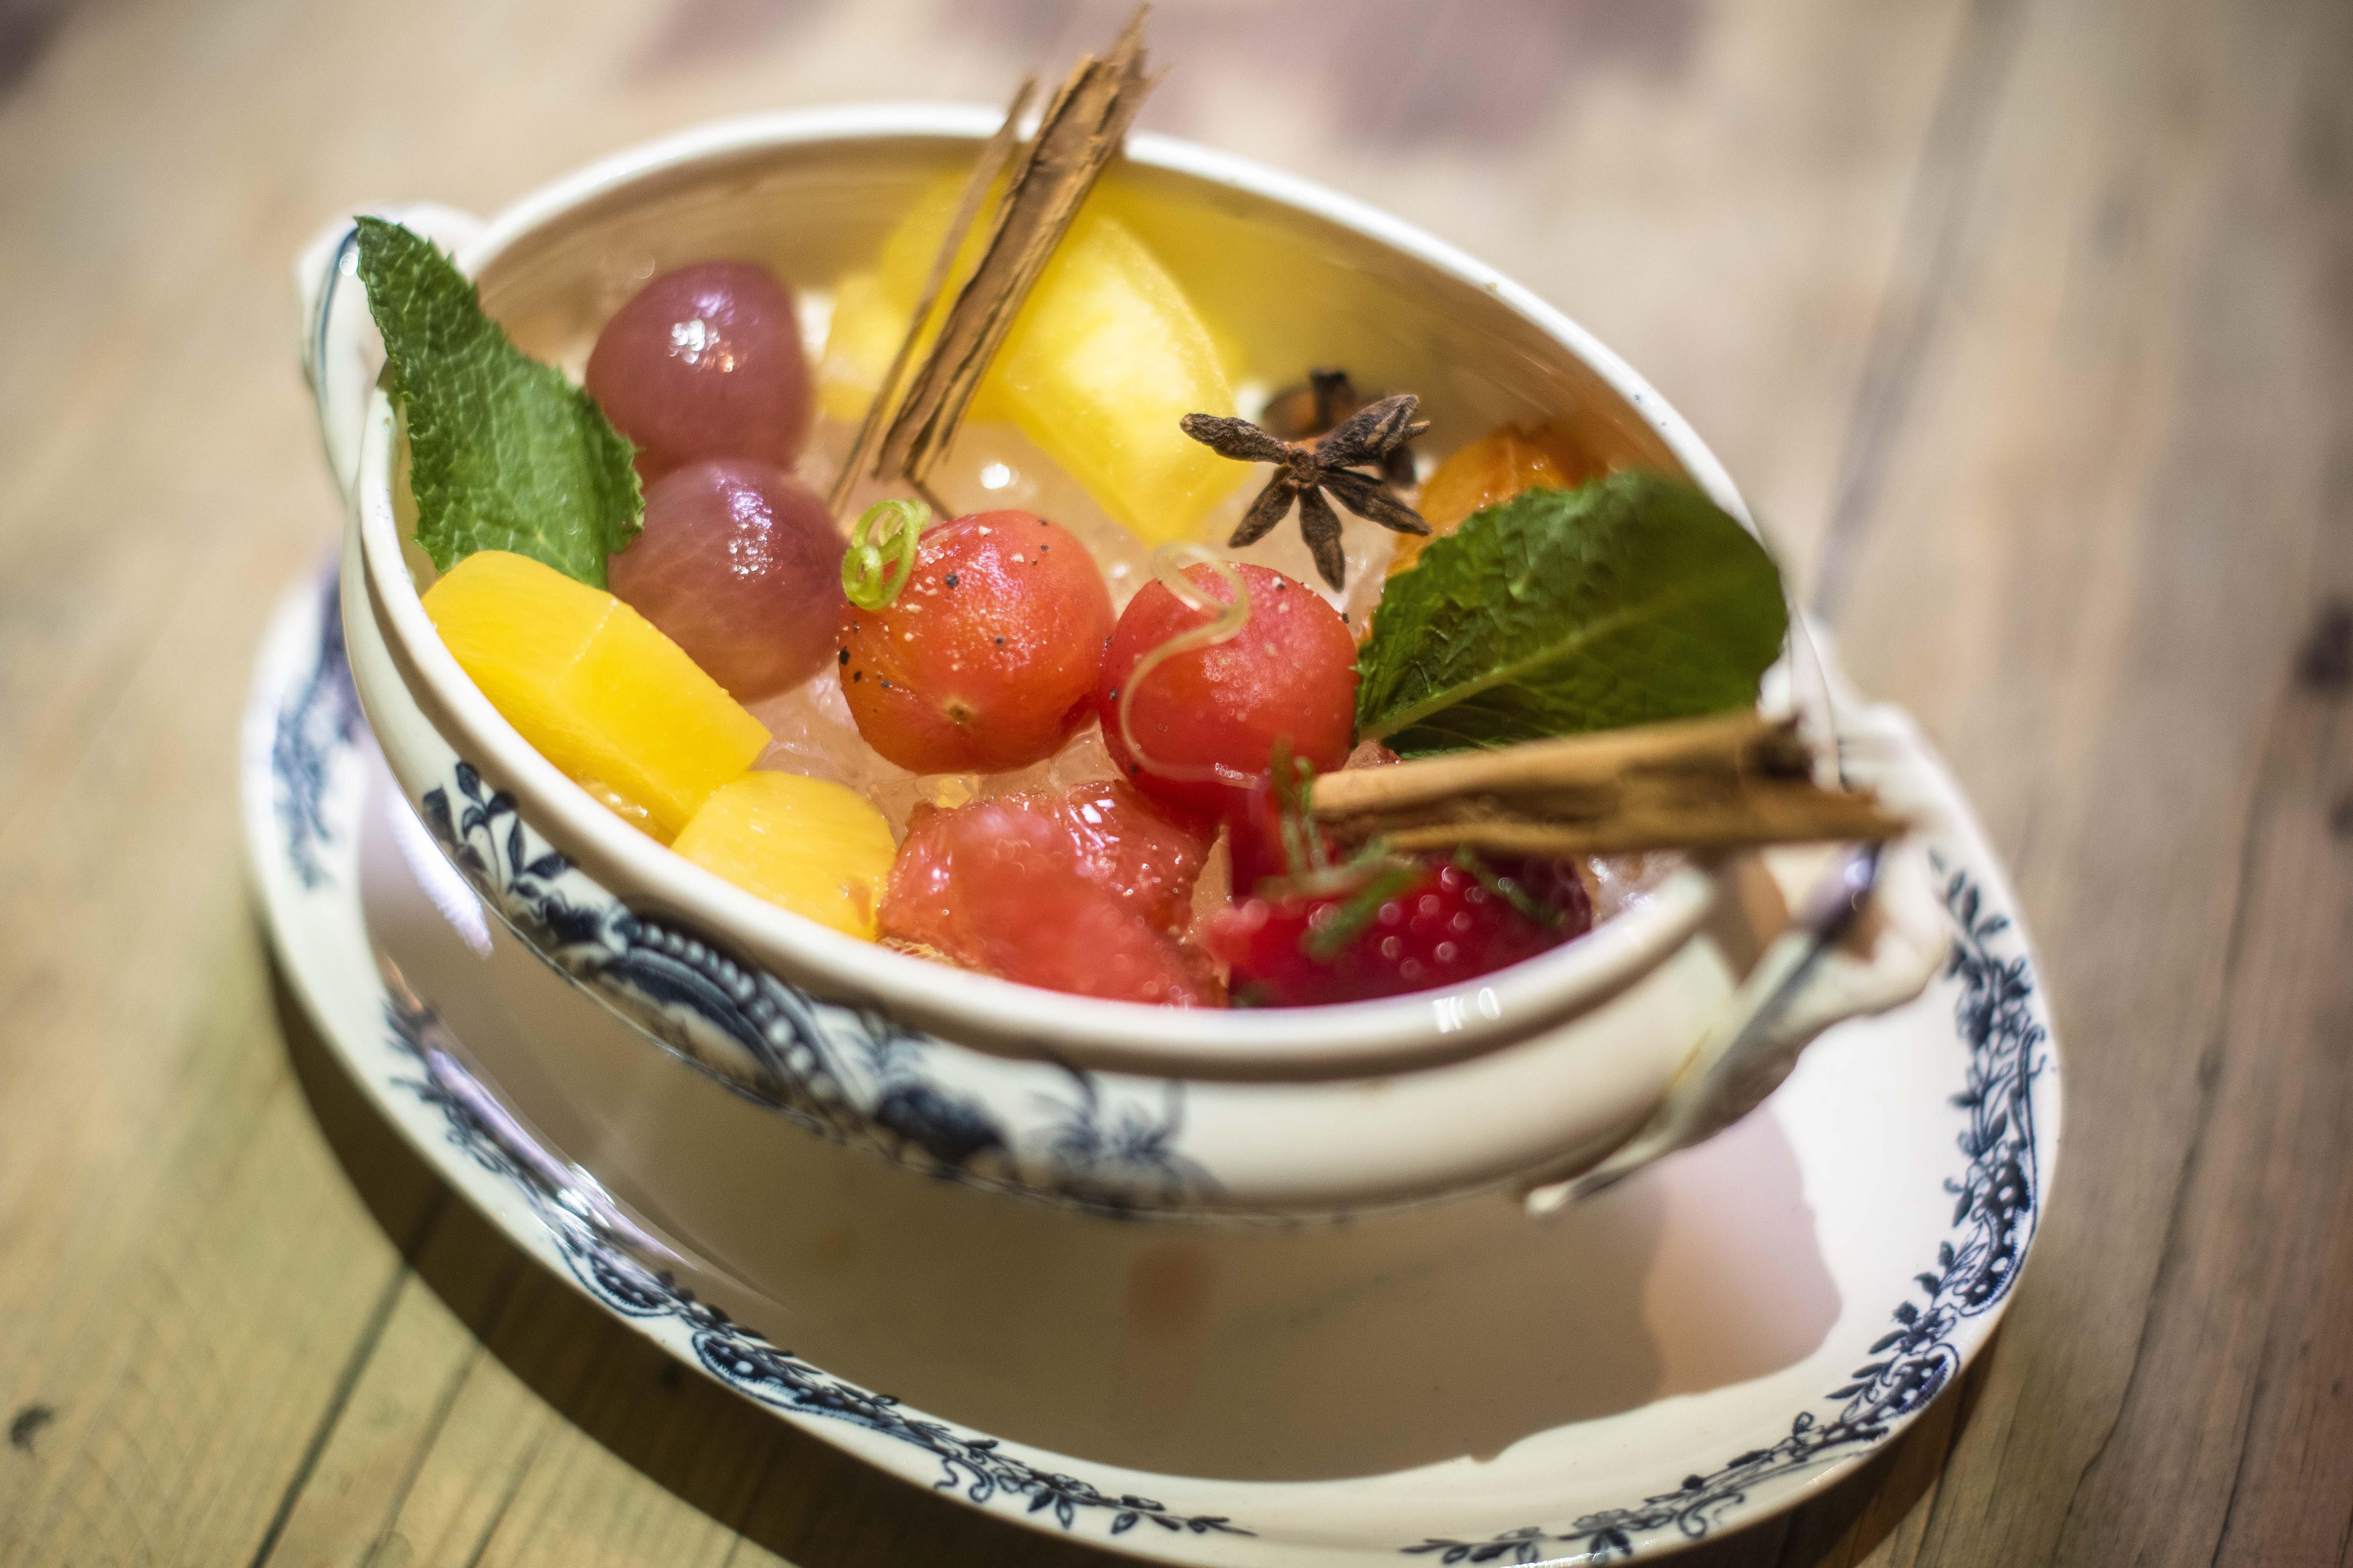 El 'xarab' se prepara con fruta macerada en hierbas y especias.